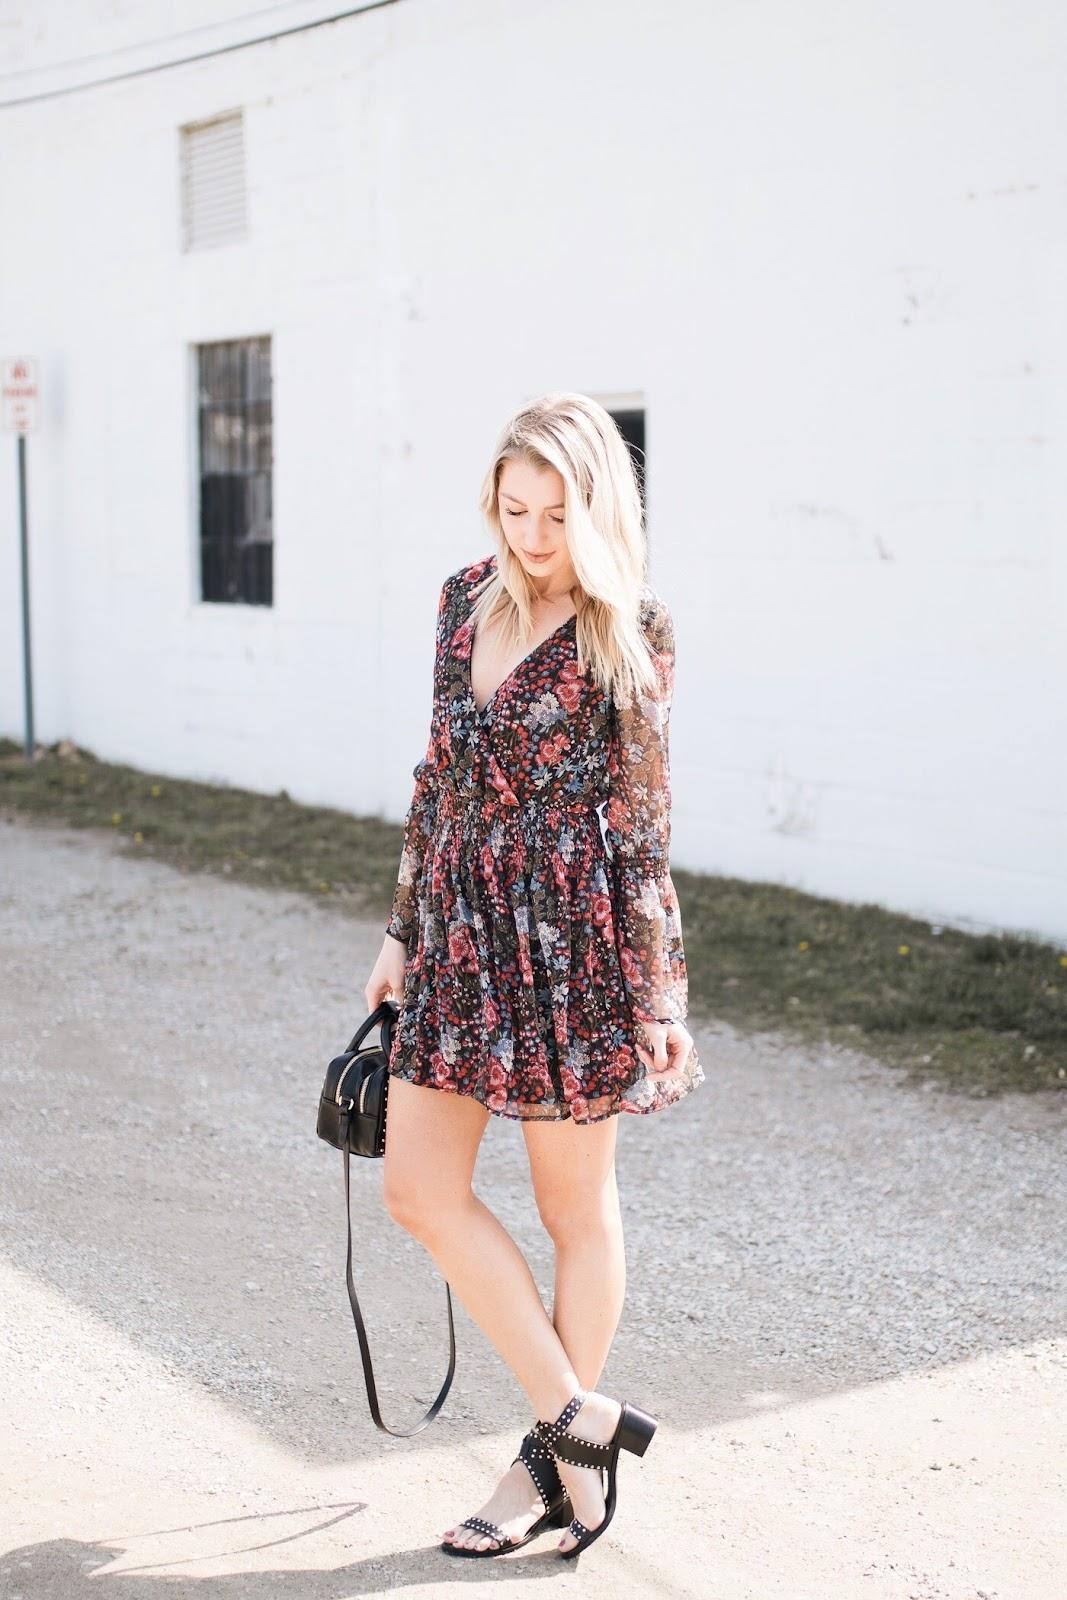 Floral dress + studded sandals